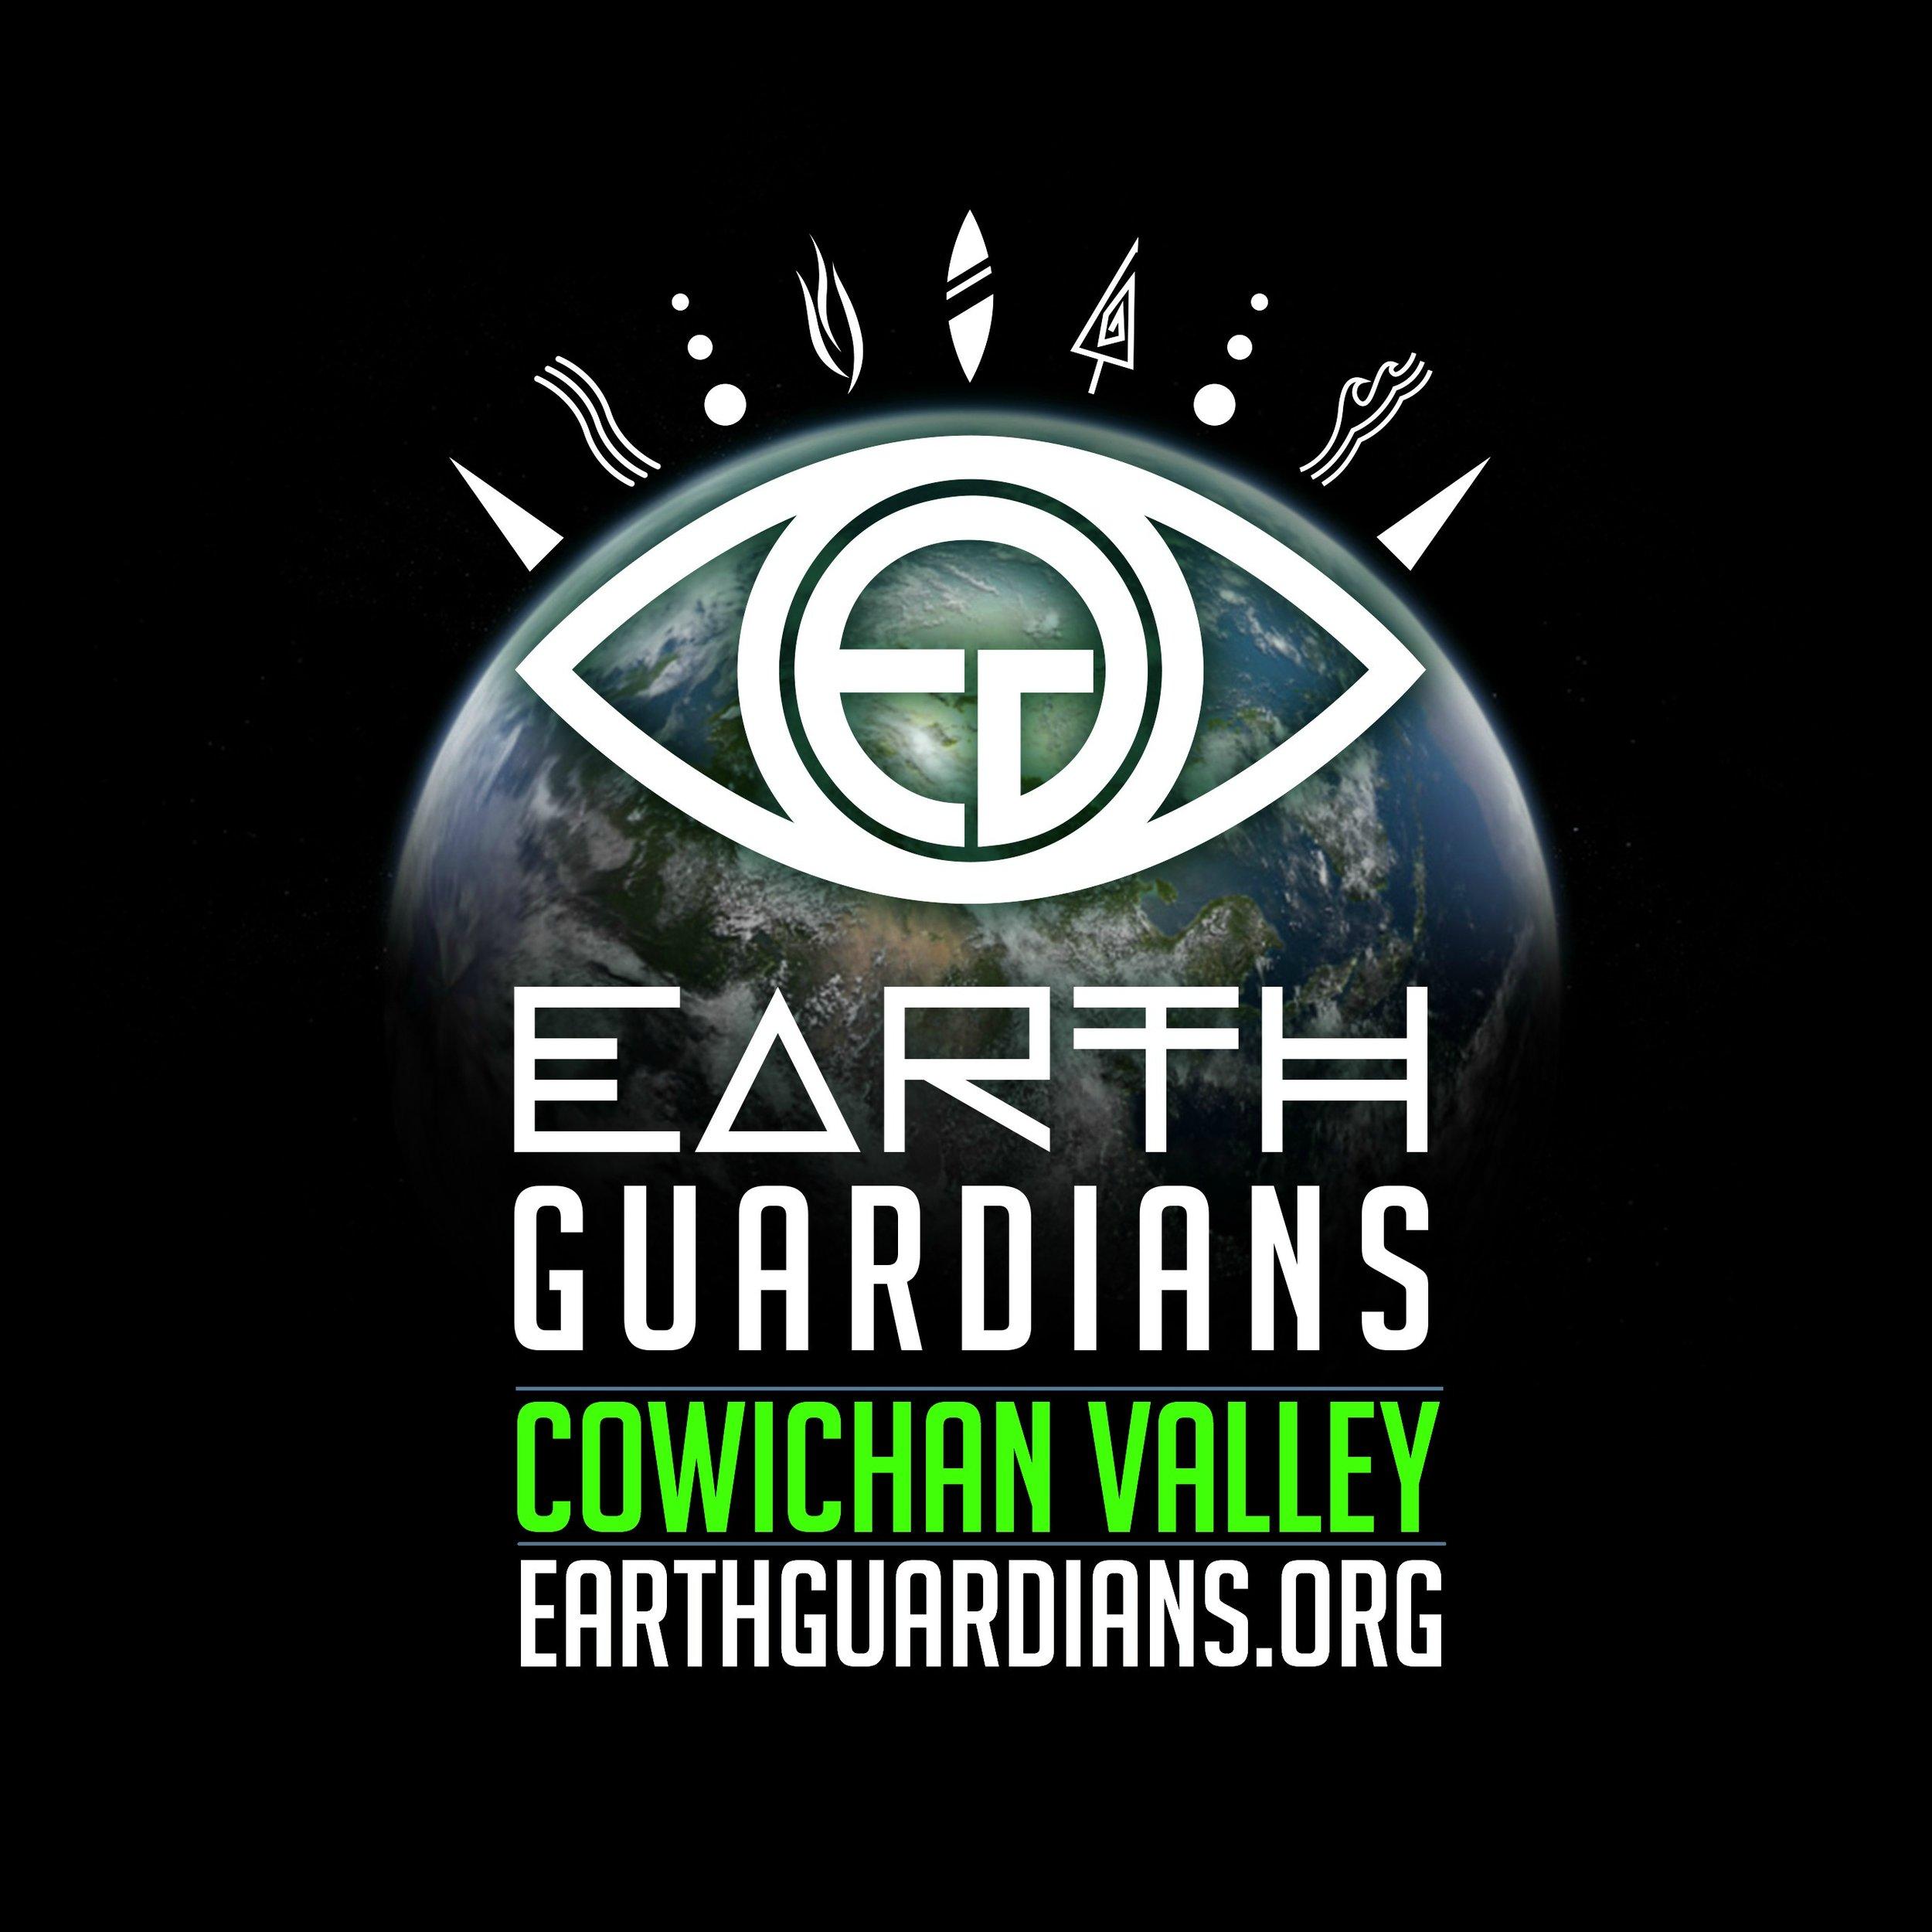 EG_crew logo template COWICHAN VALLEY final.jpg